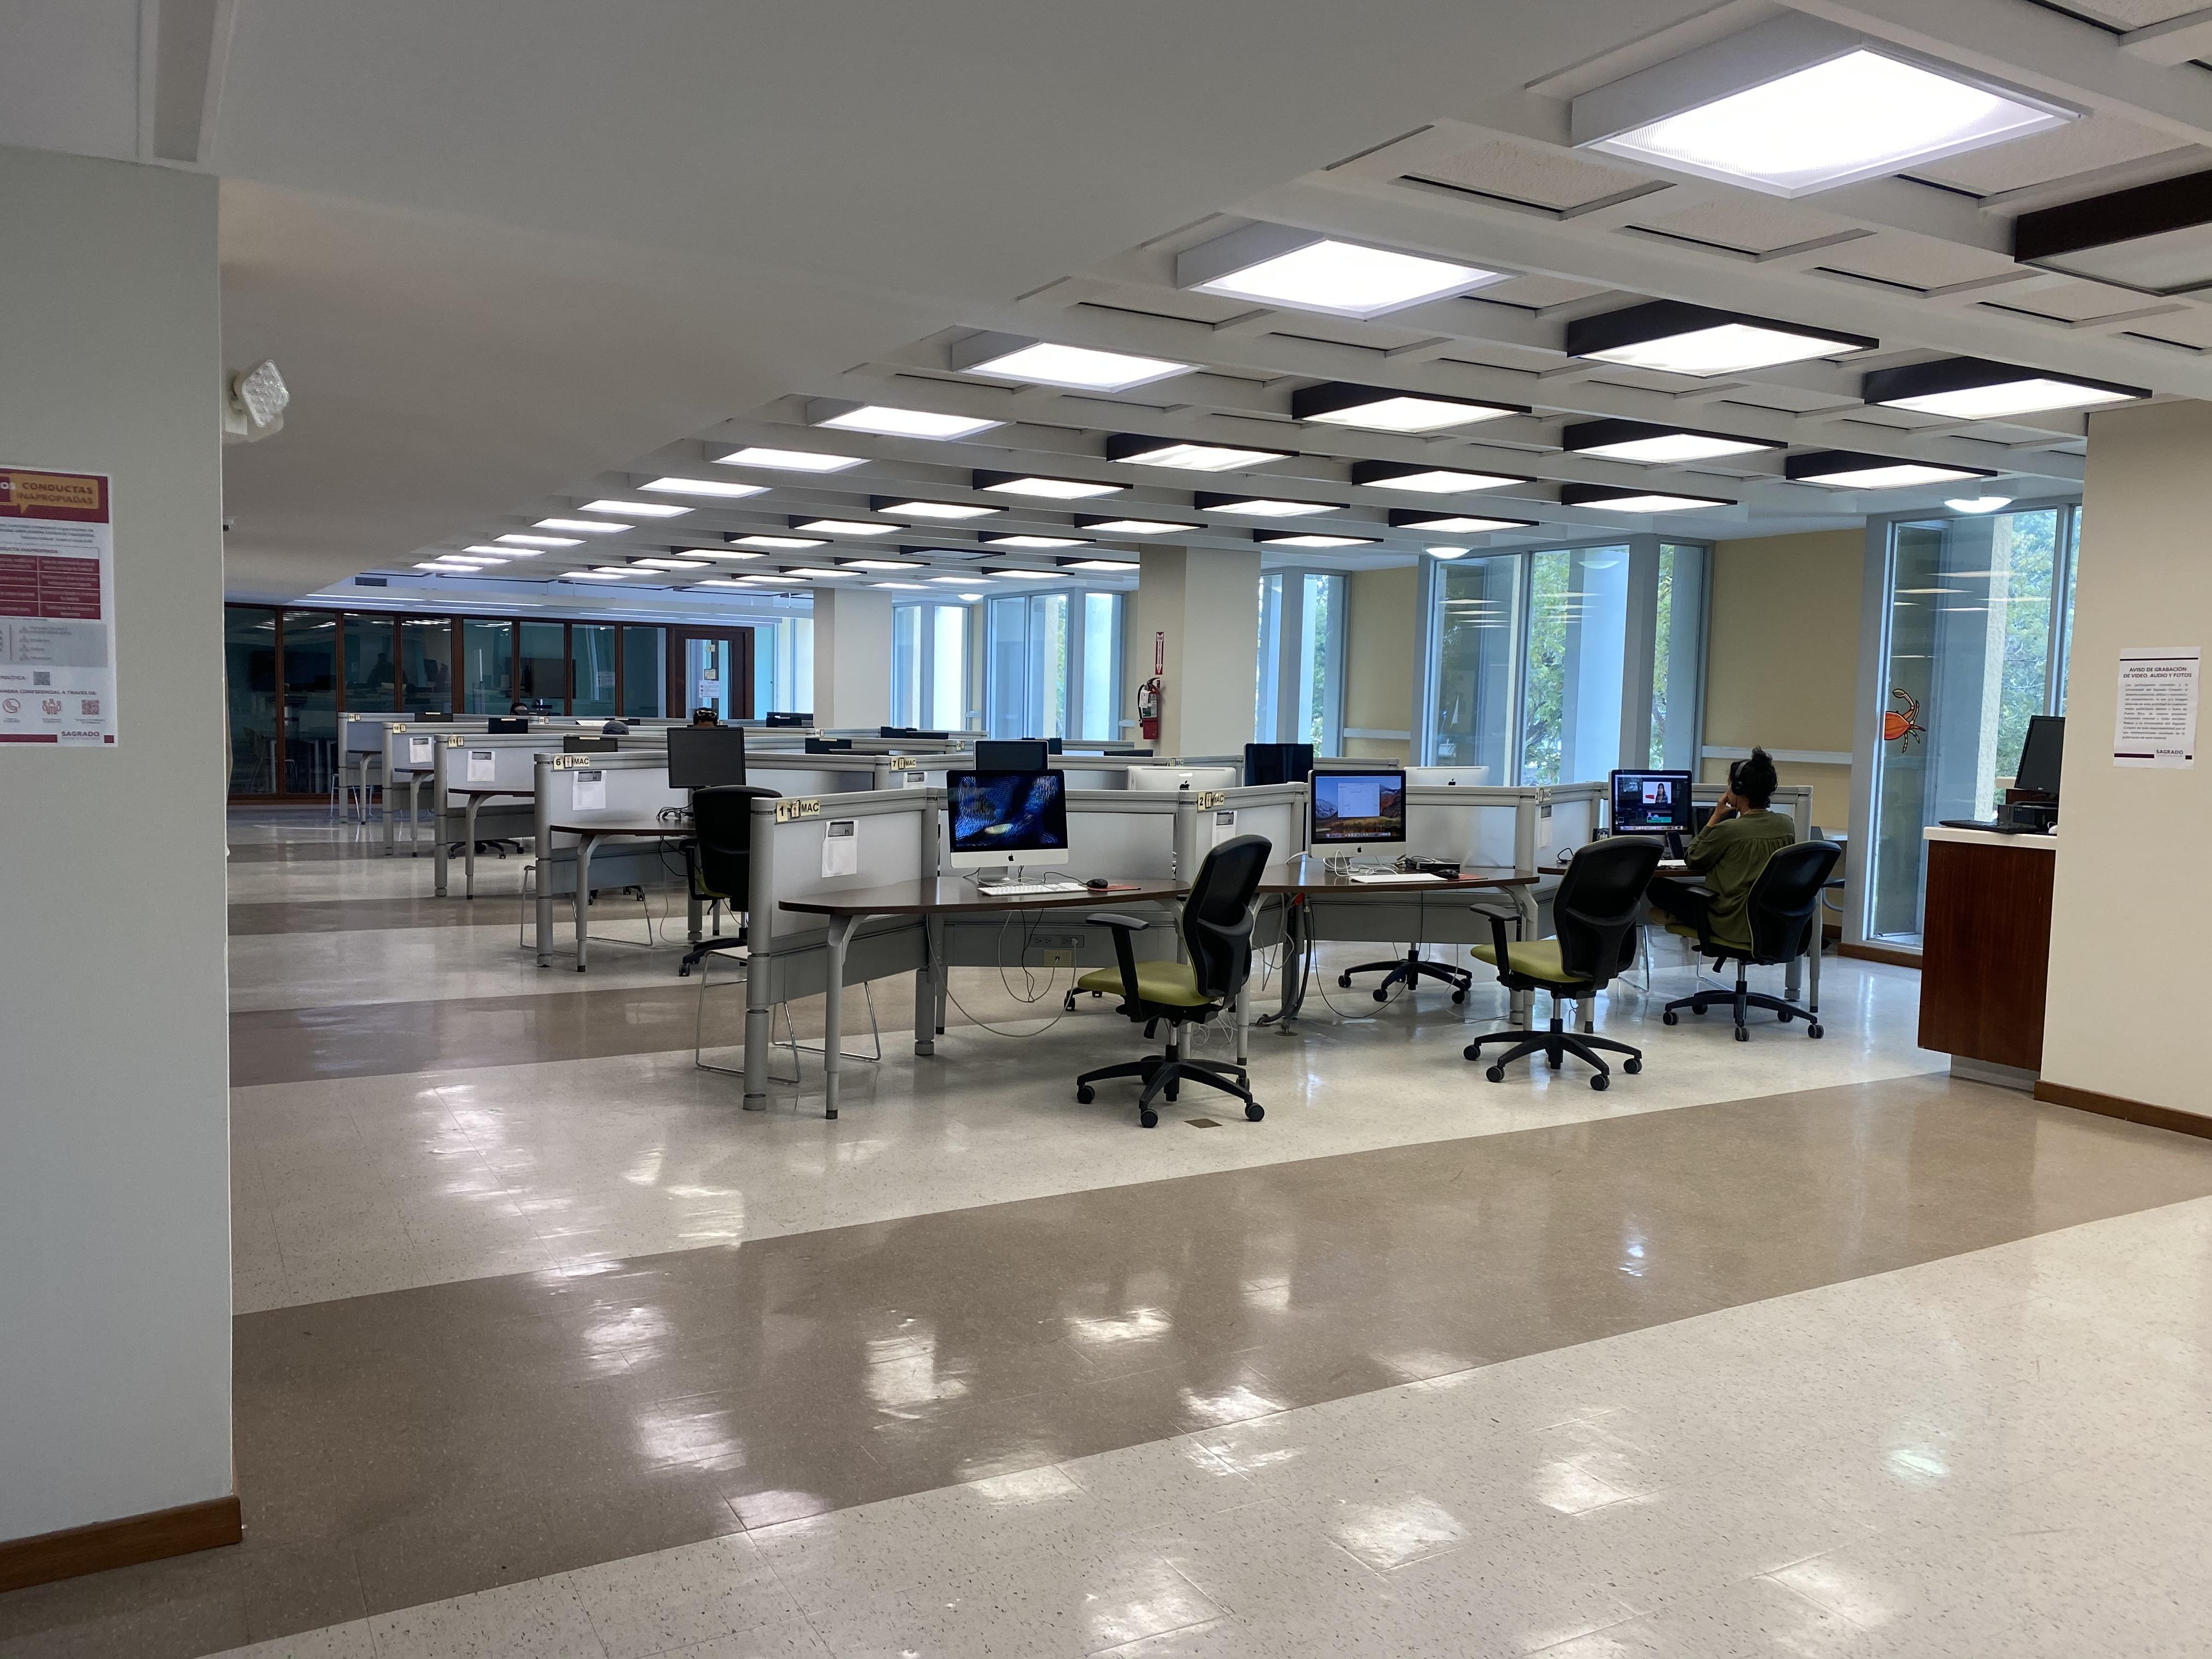 Imagen Espacio fisico del area del Learning Commons de la bibliotea. 20 computadoras windows en estaciones para uso de estudiantes